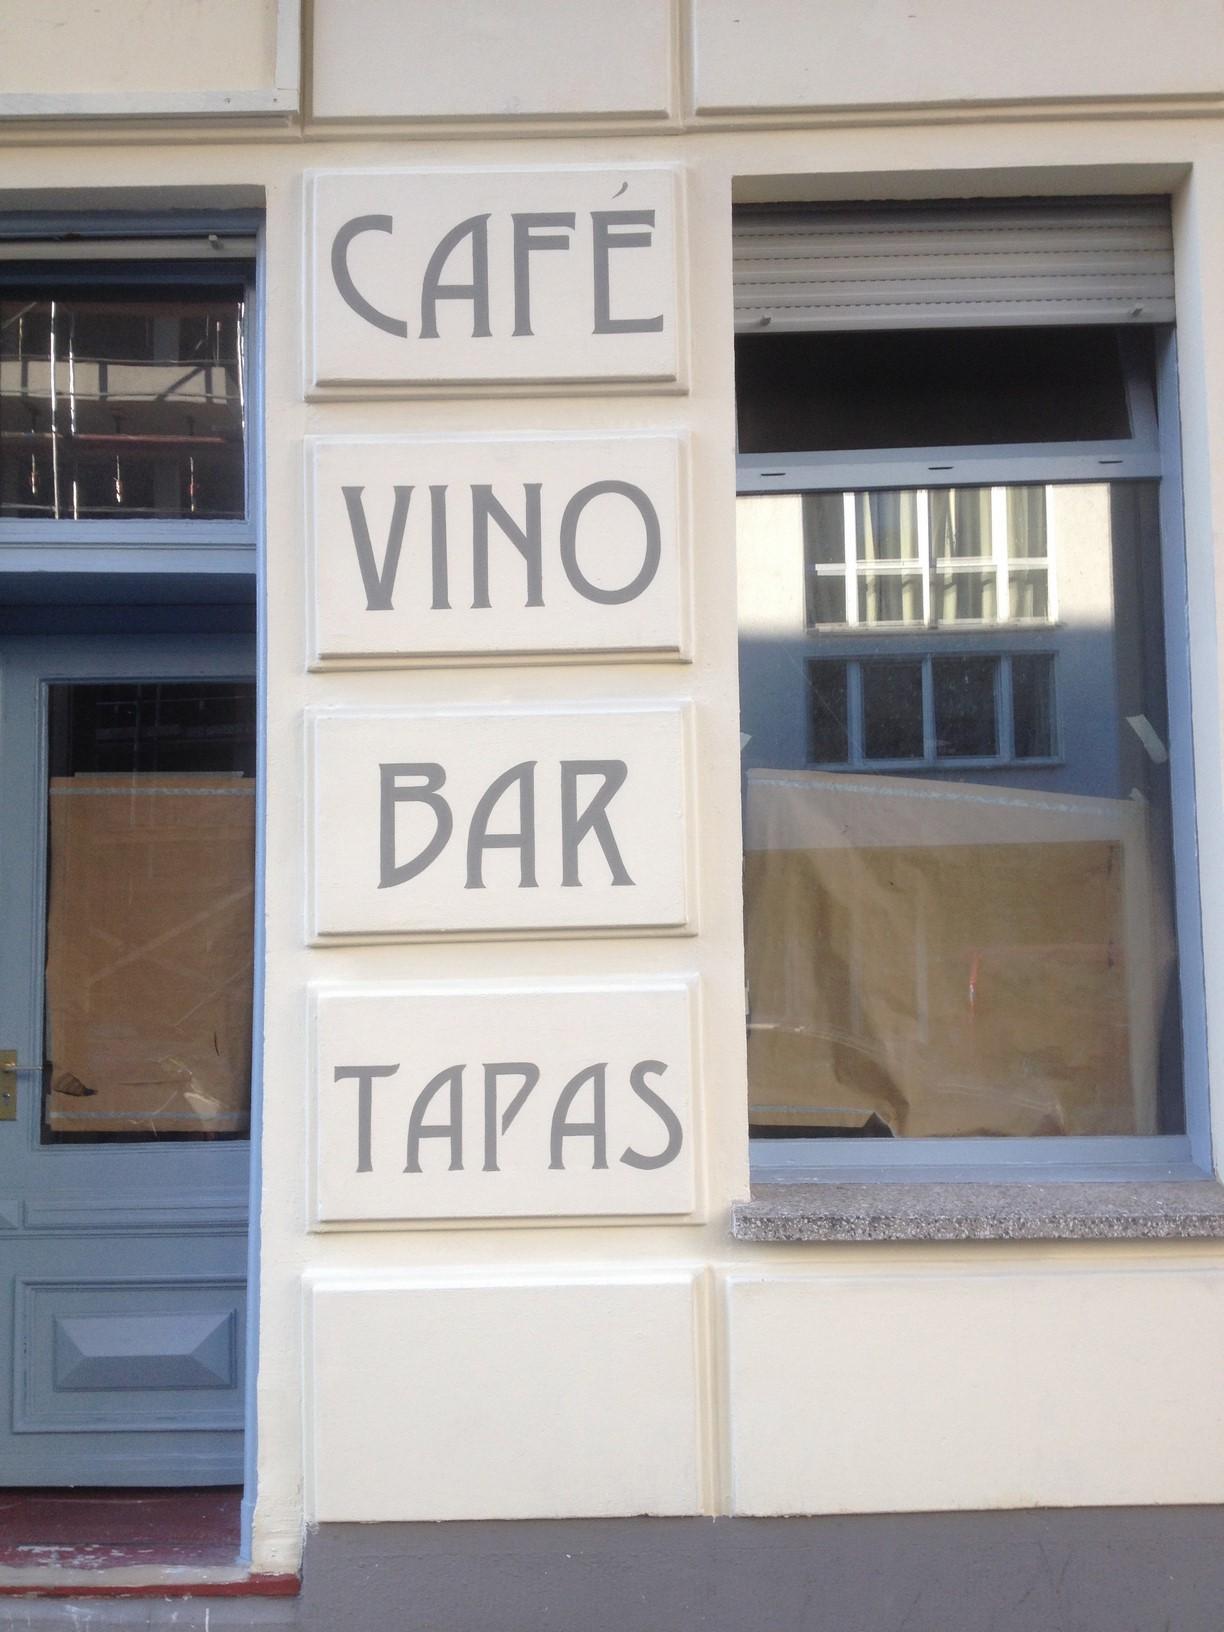 Beschriftung einer Fassade mit verschiedenen Namenszügen